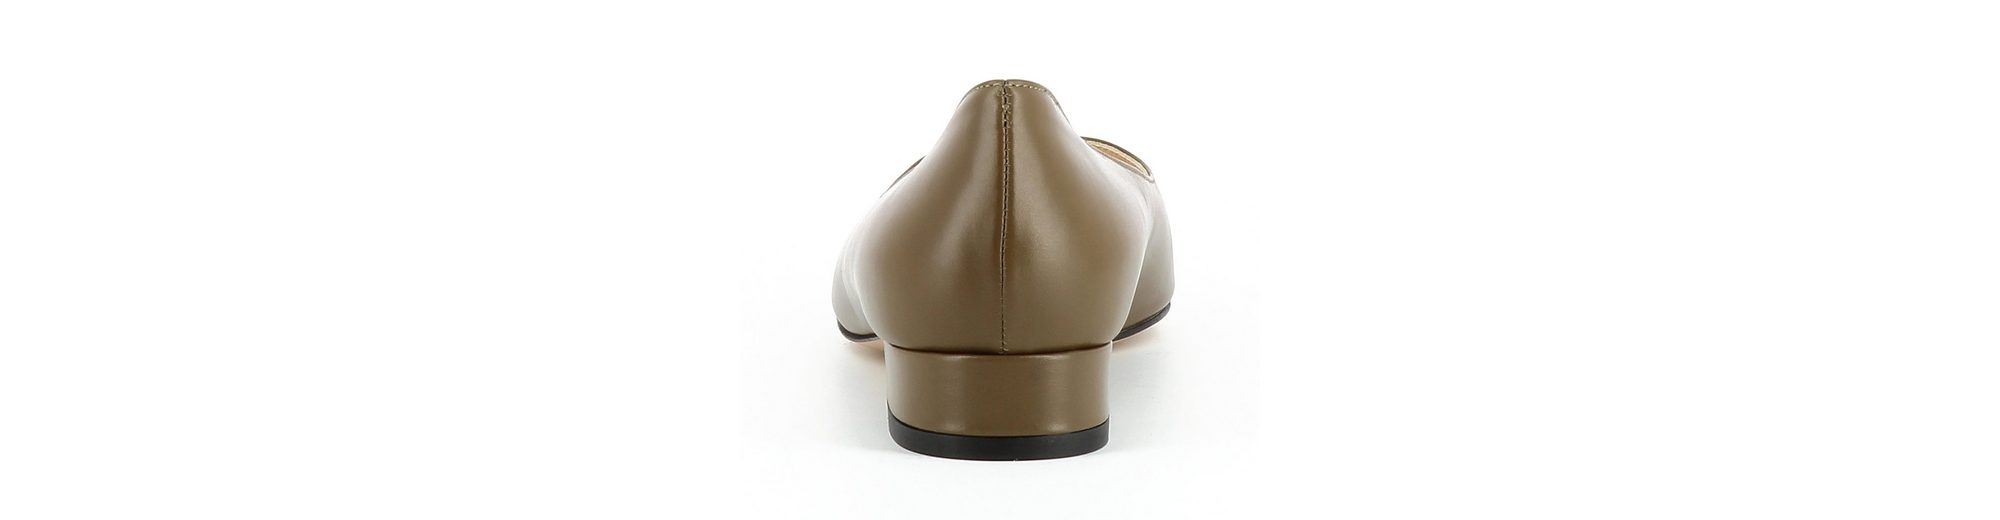 Countdown-Paket Zum Verkauf Evita FRANCA Pumps Qualität Aus Deutschland Billig Online-Shopping-Original Billig Verkauf Erschwinglich KuxIciIvkh